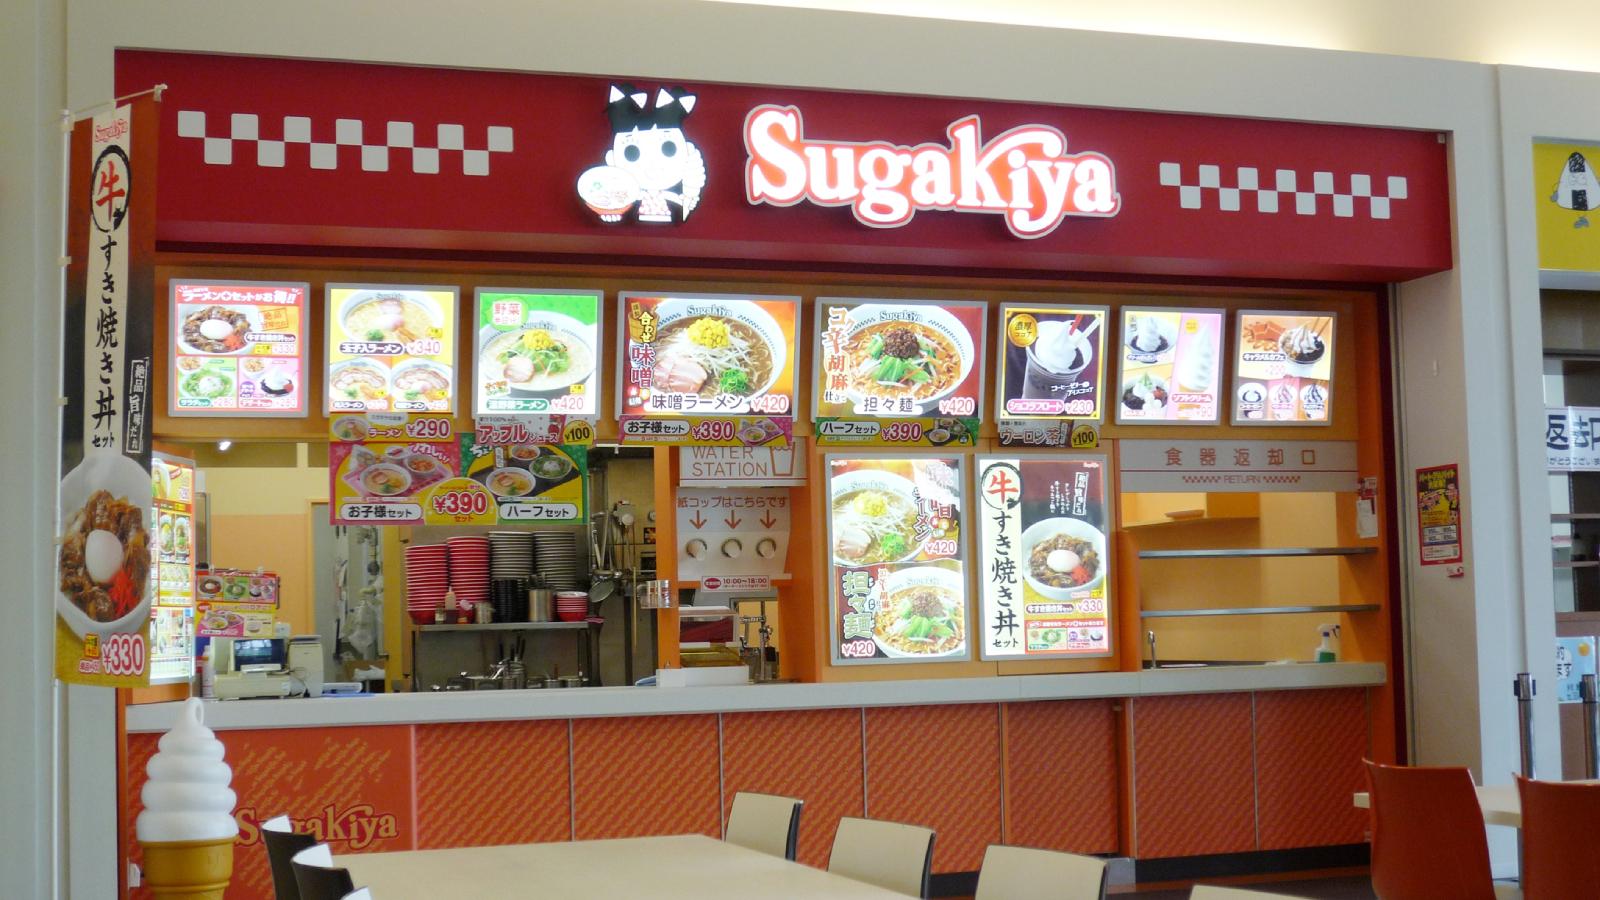 名古屋のソウルフード「スガキヤ」が大量閉店、ネットでは心配する声【ラーメン1杯320円】